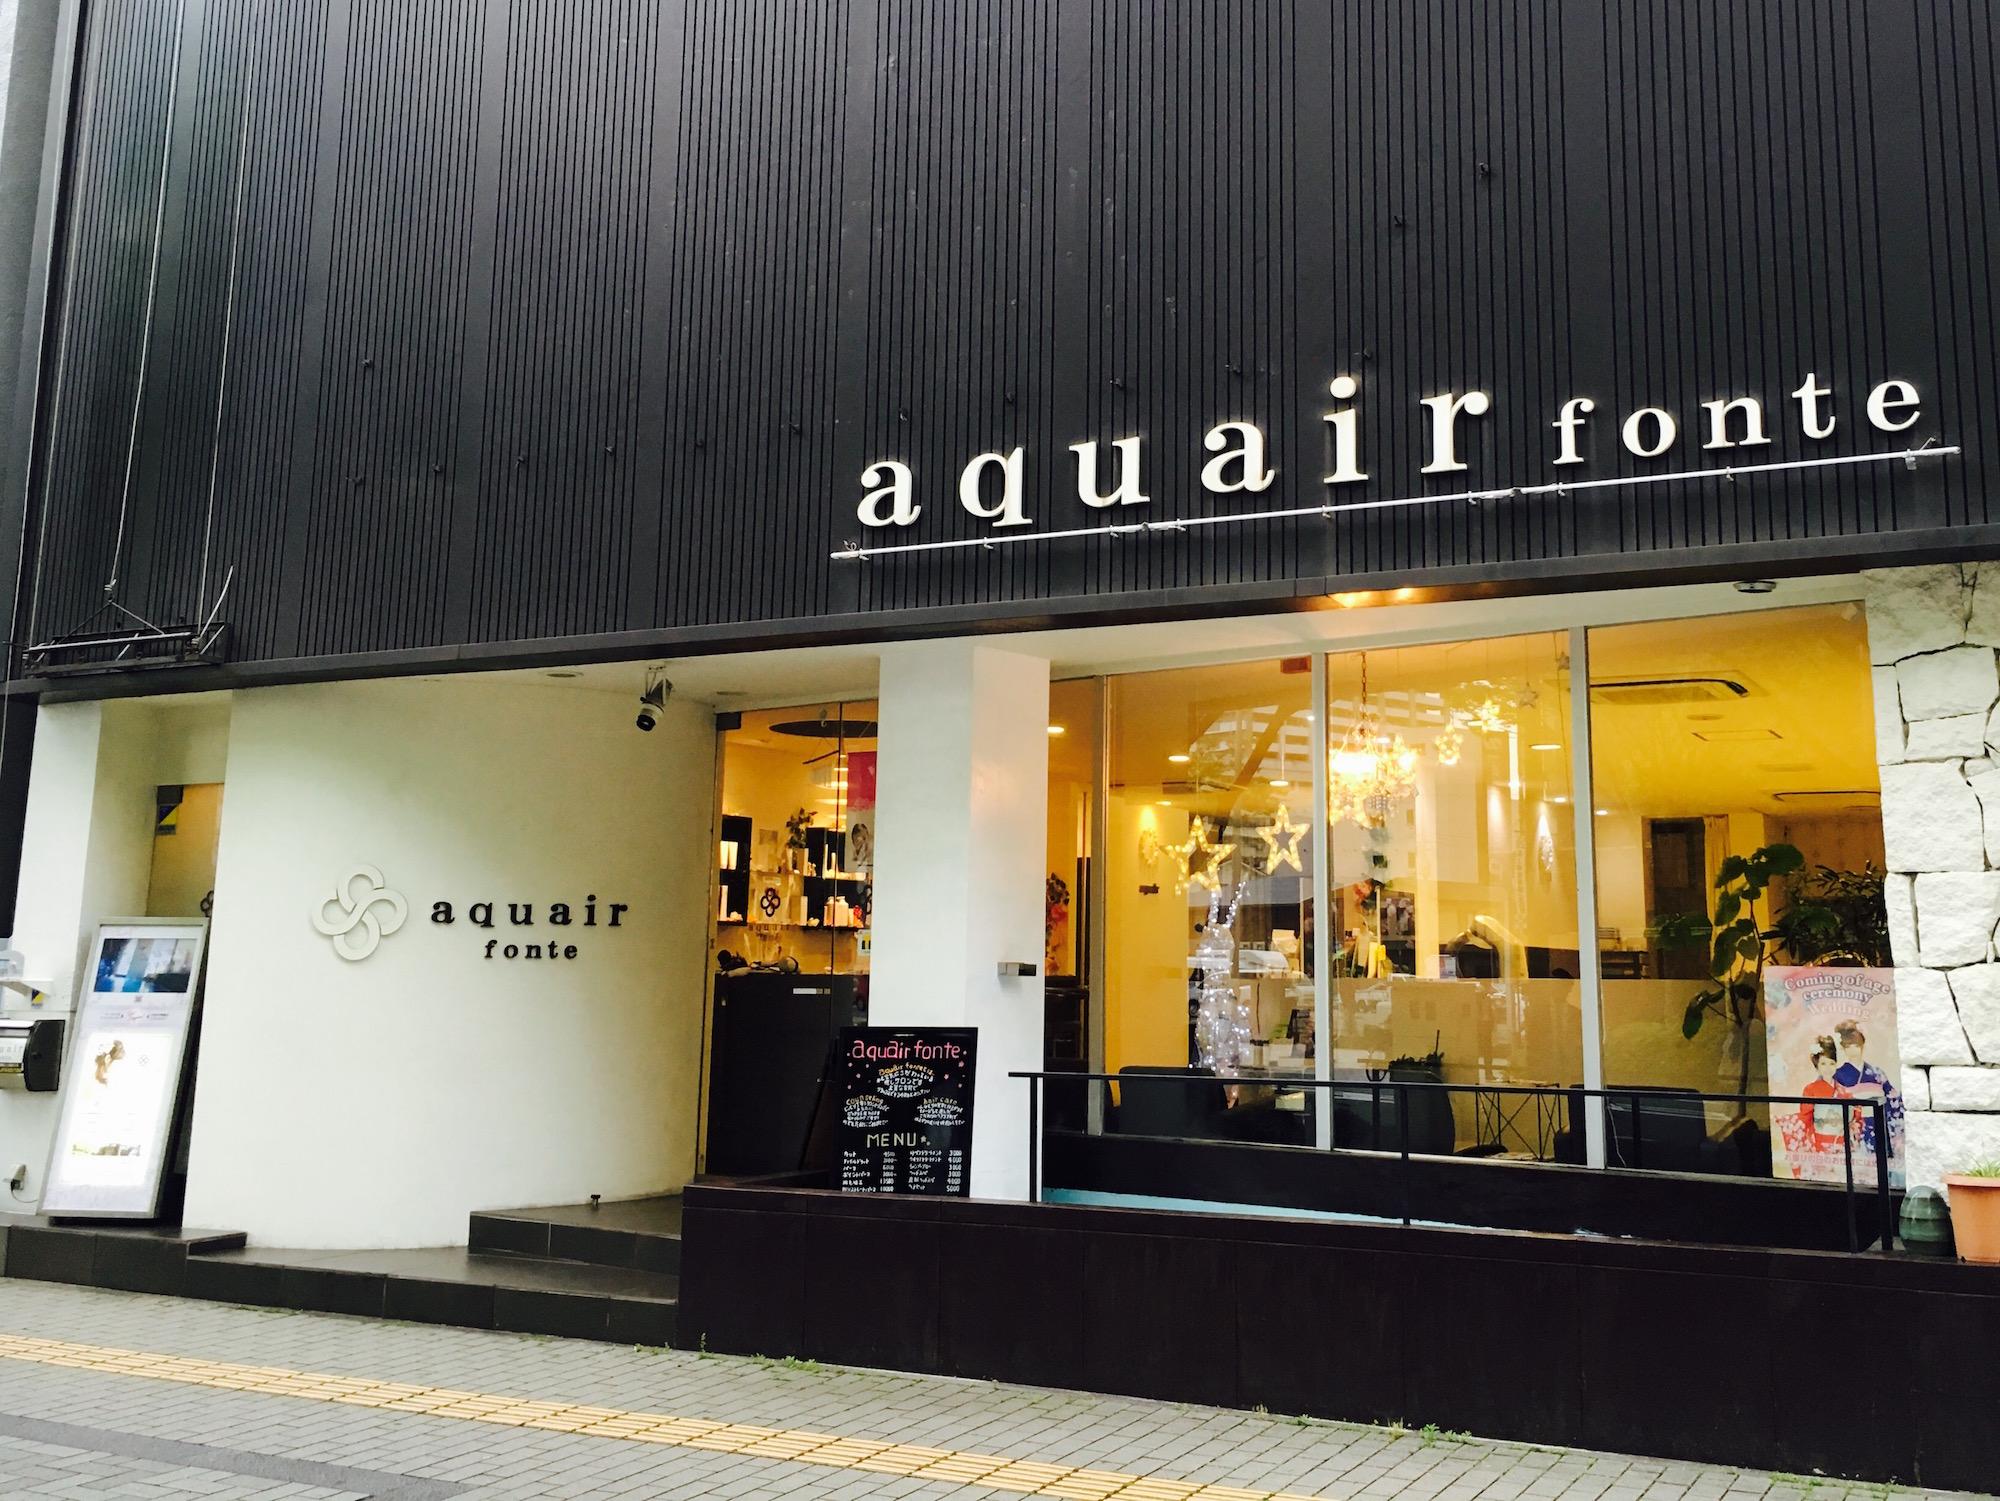 美容室 アクエアー | aquair fonte